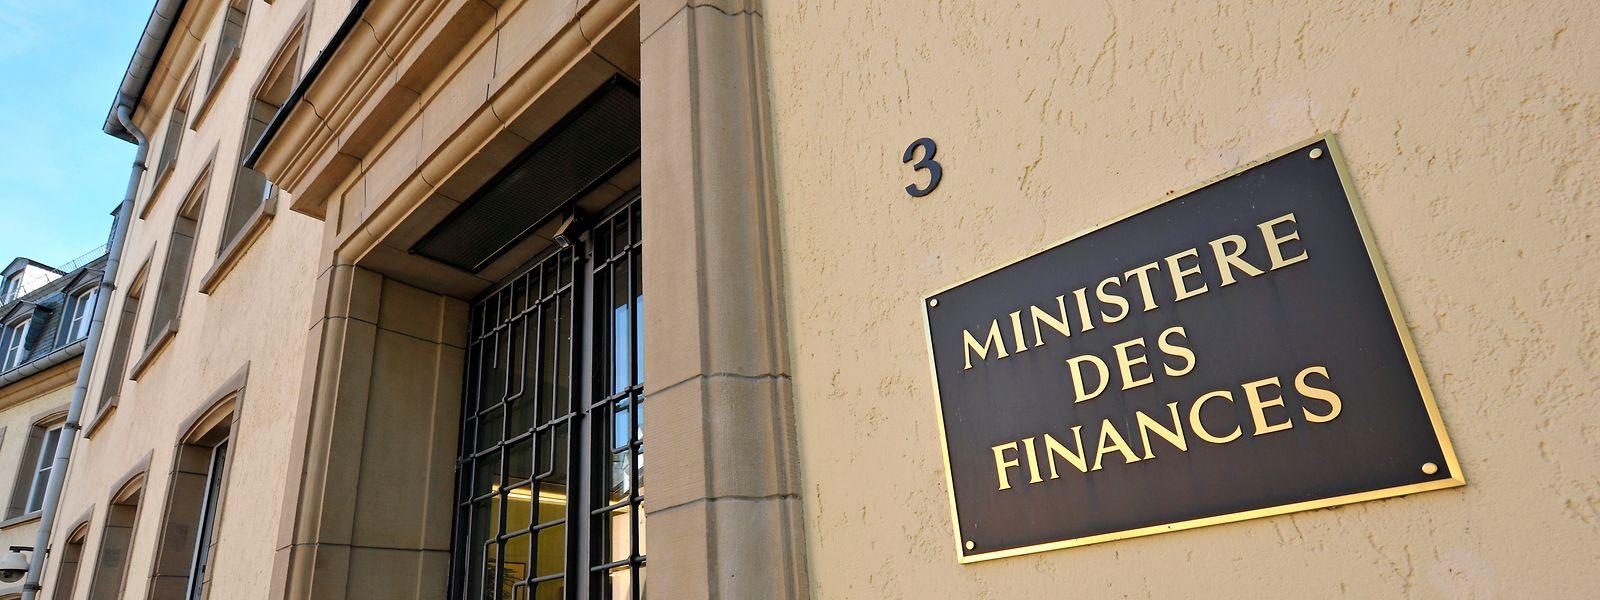 Les principales attributions du ministère sont le budget, les finances, le Trésor et la fiscalité. Foto:Gerry Huberty